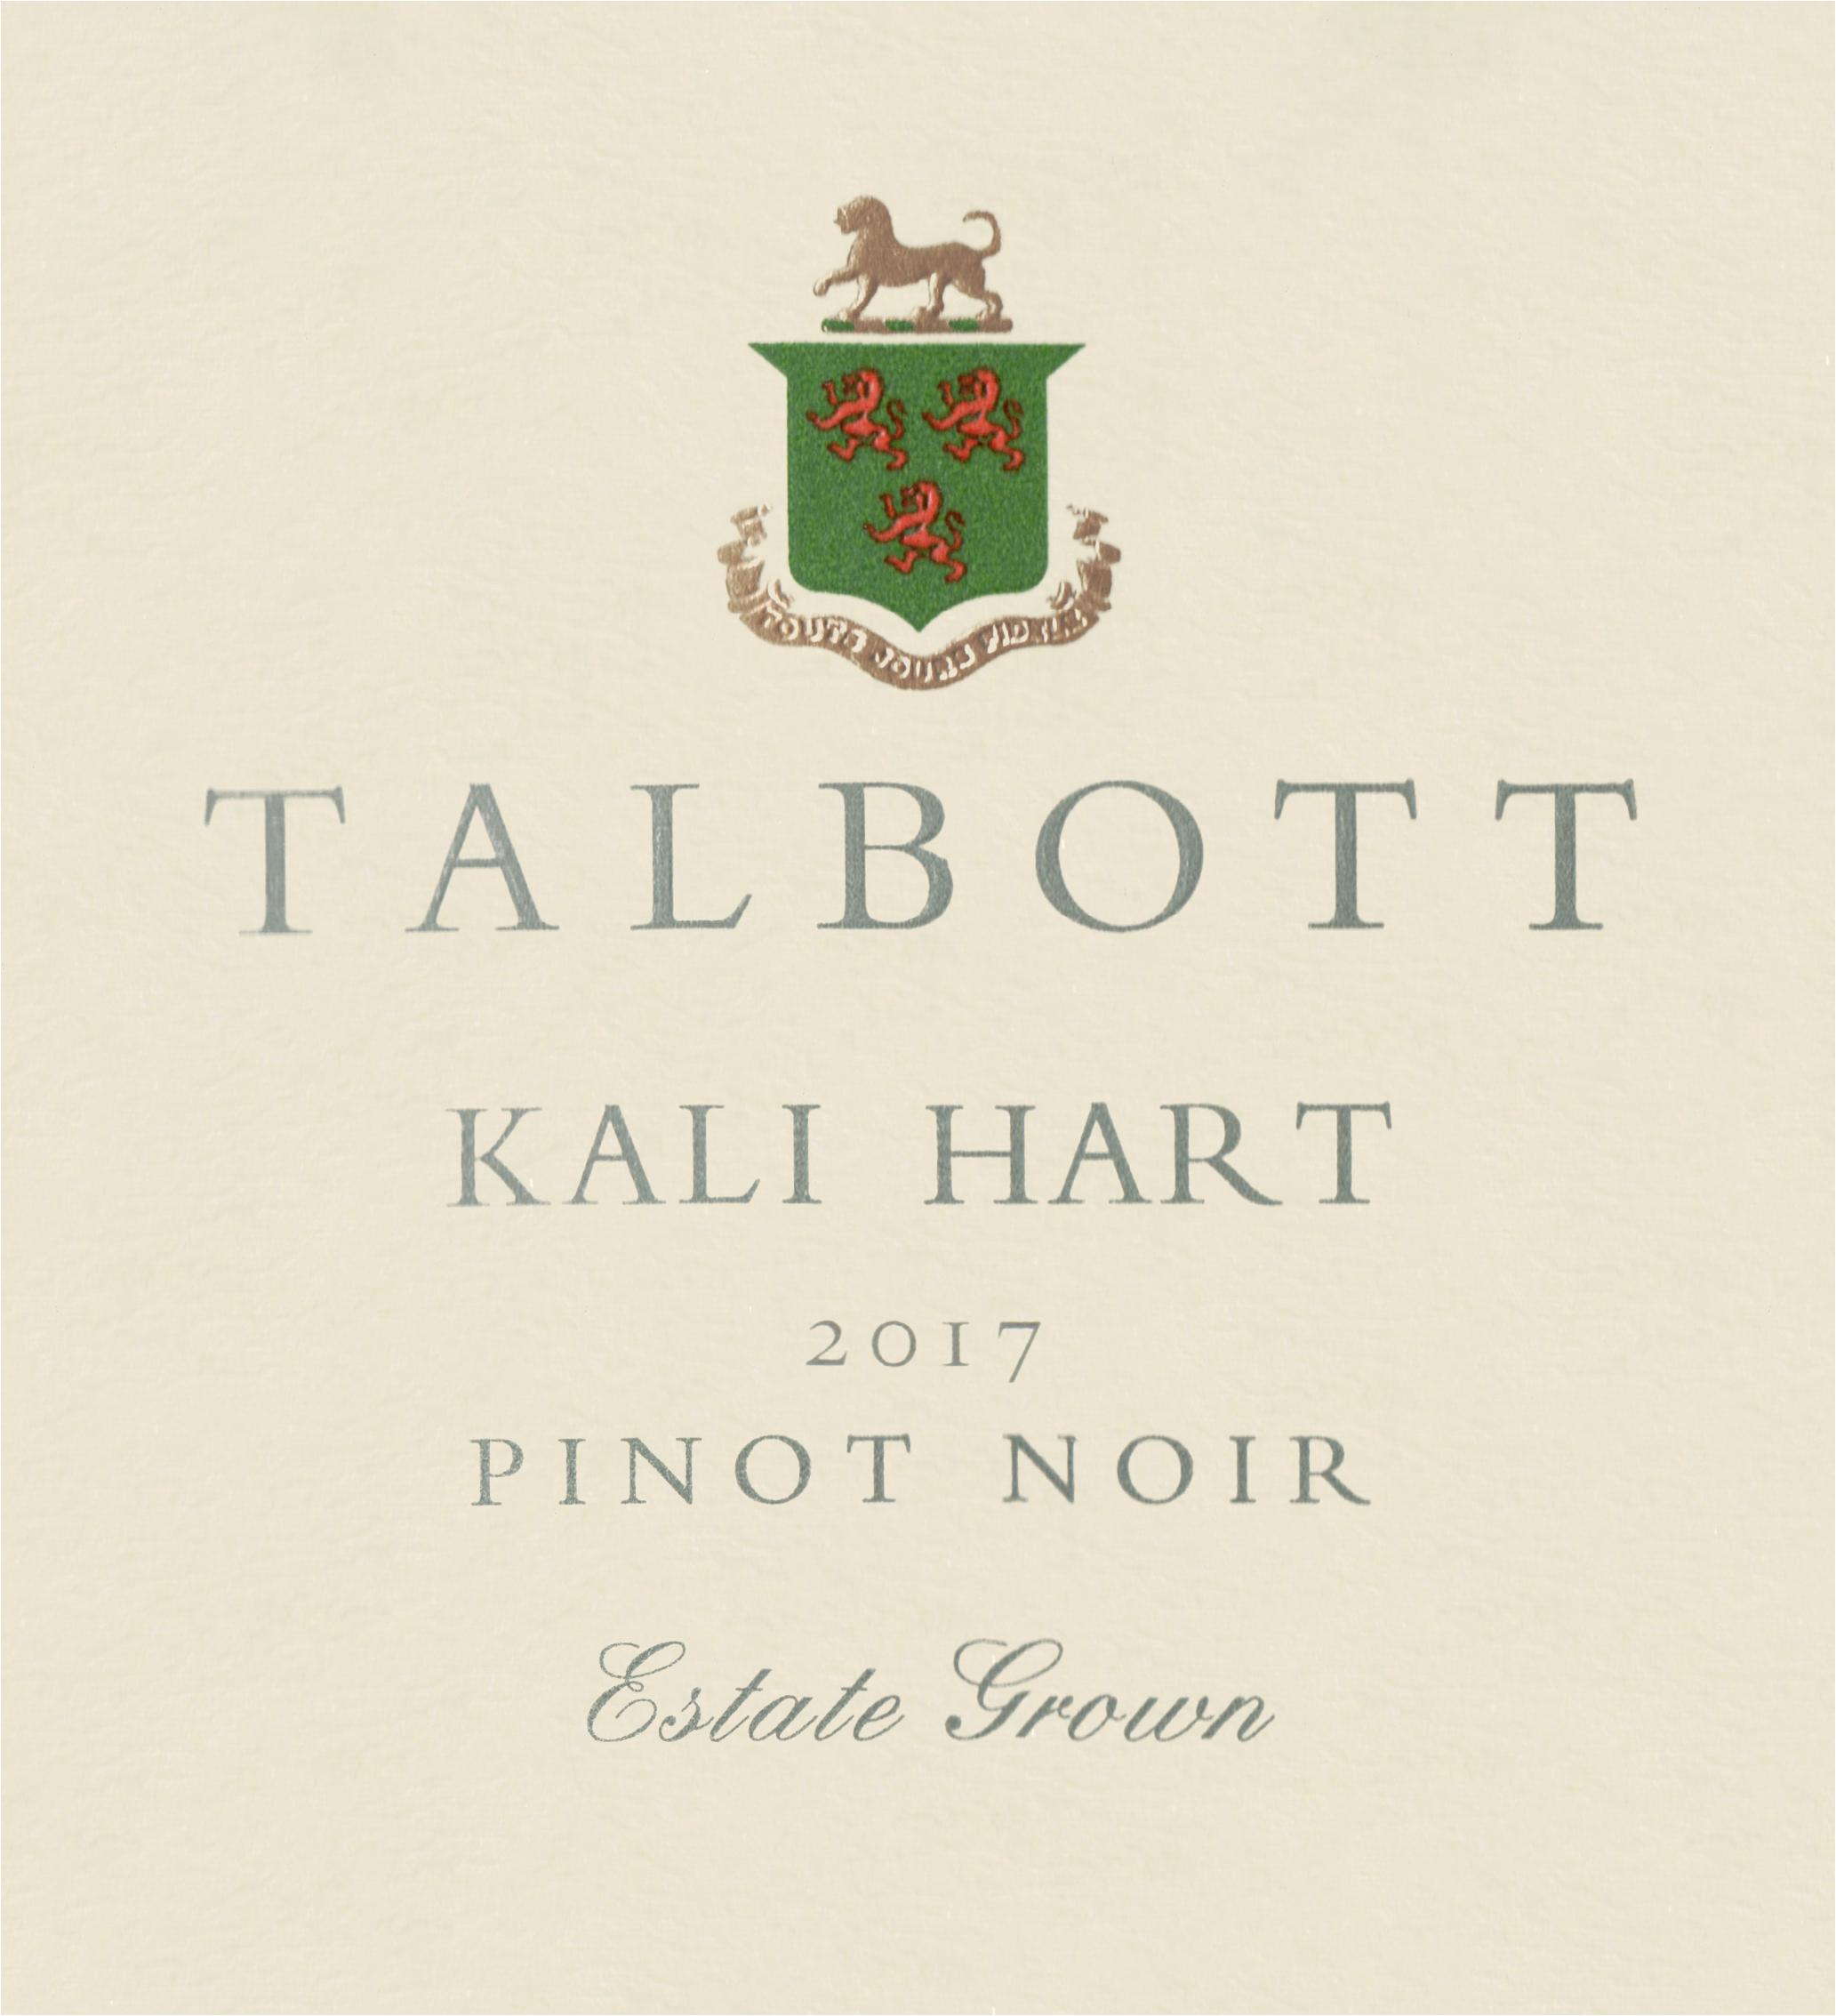 Kali Hart Pinot Noir 2017